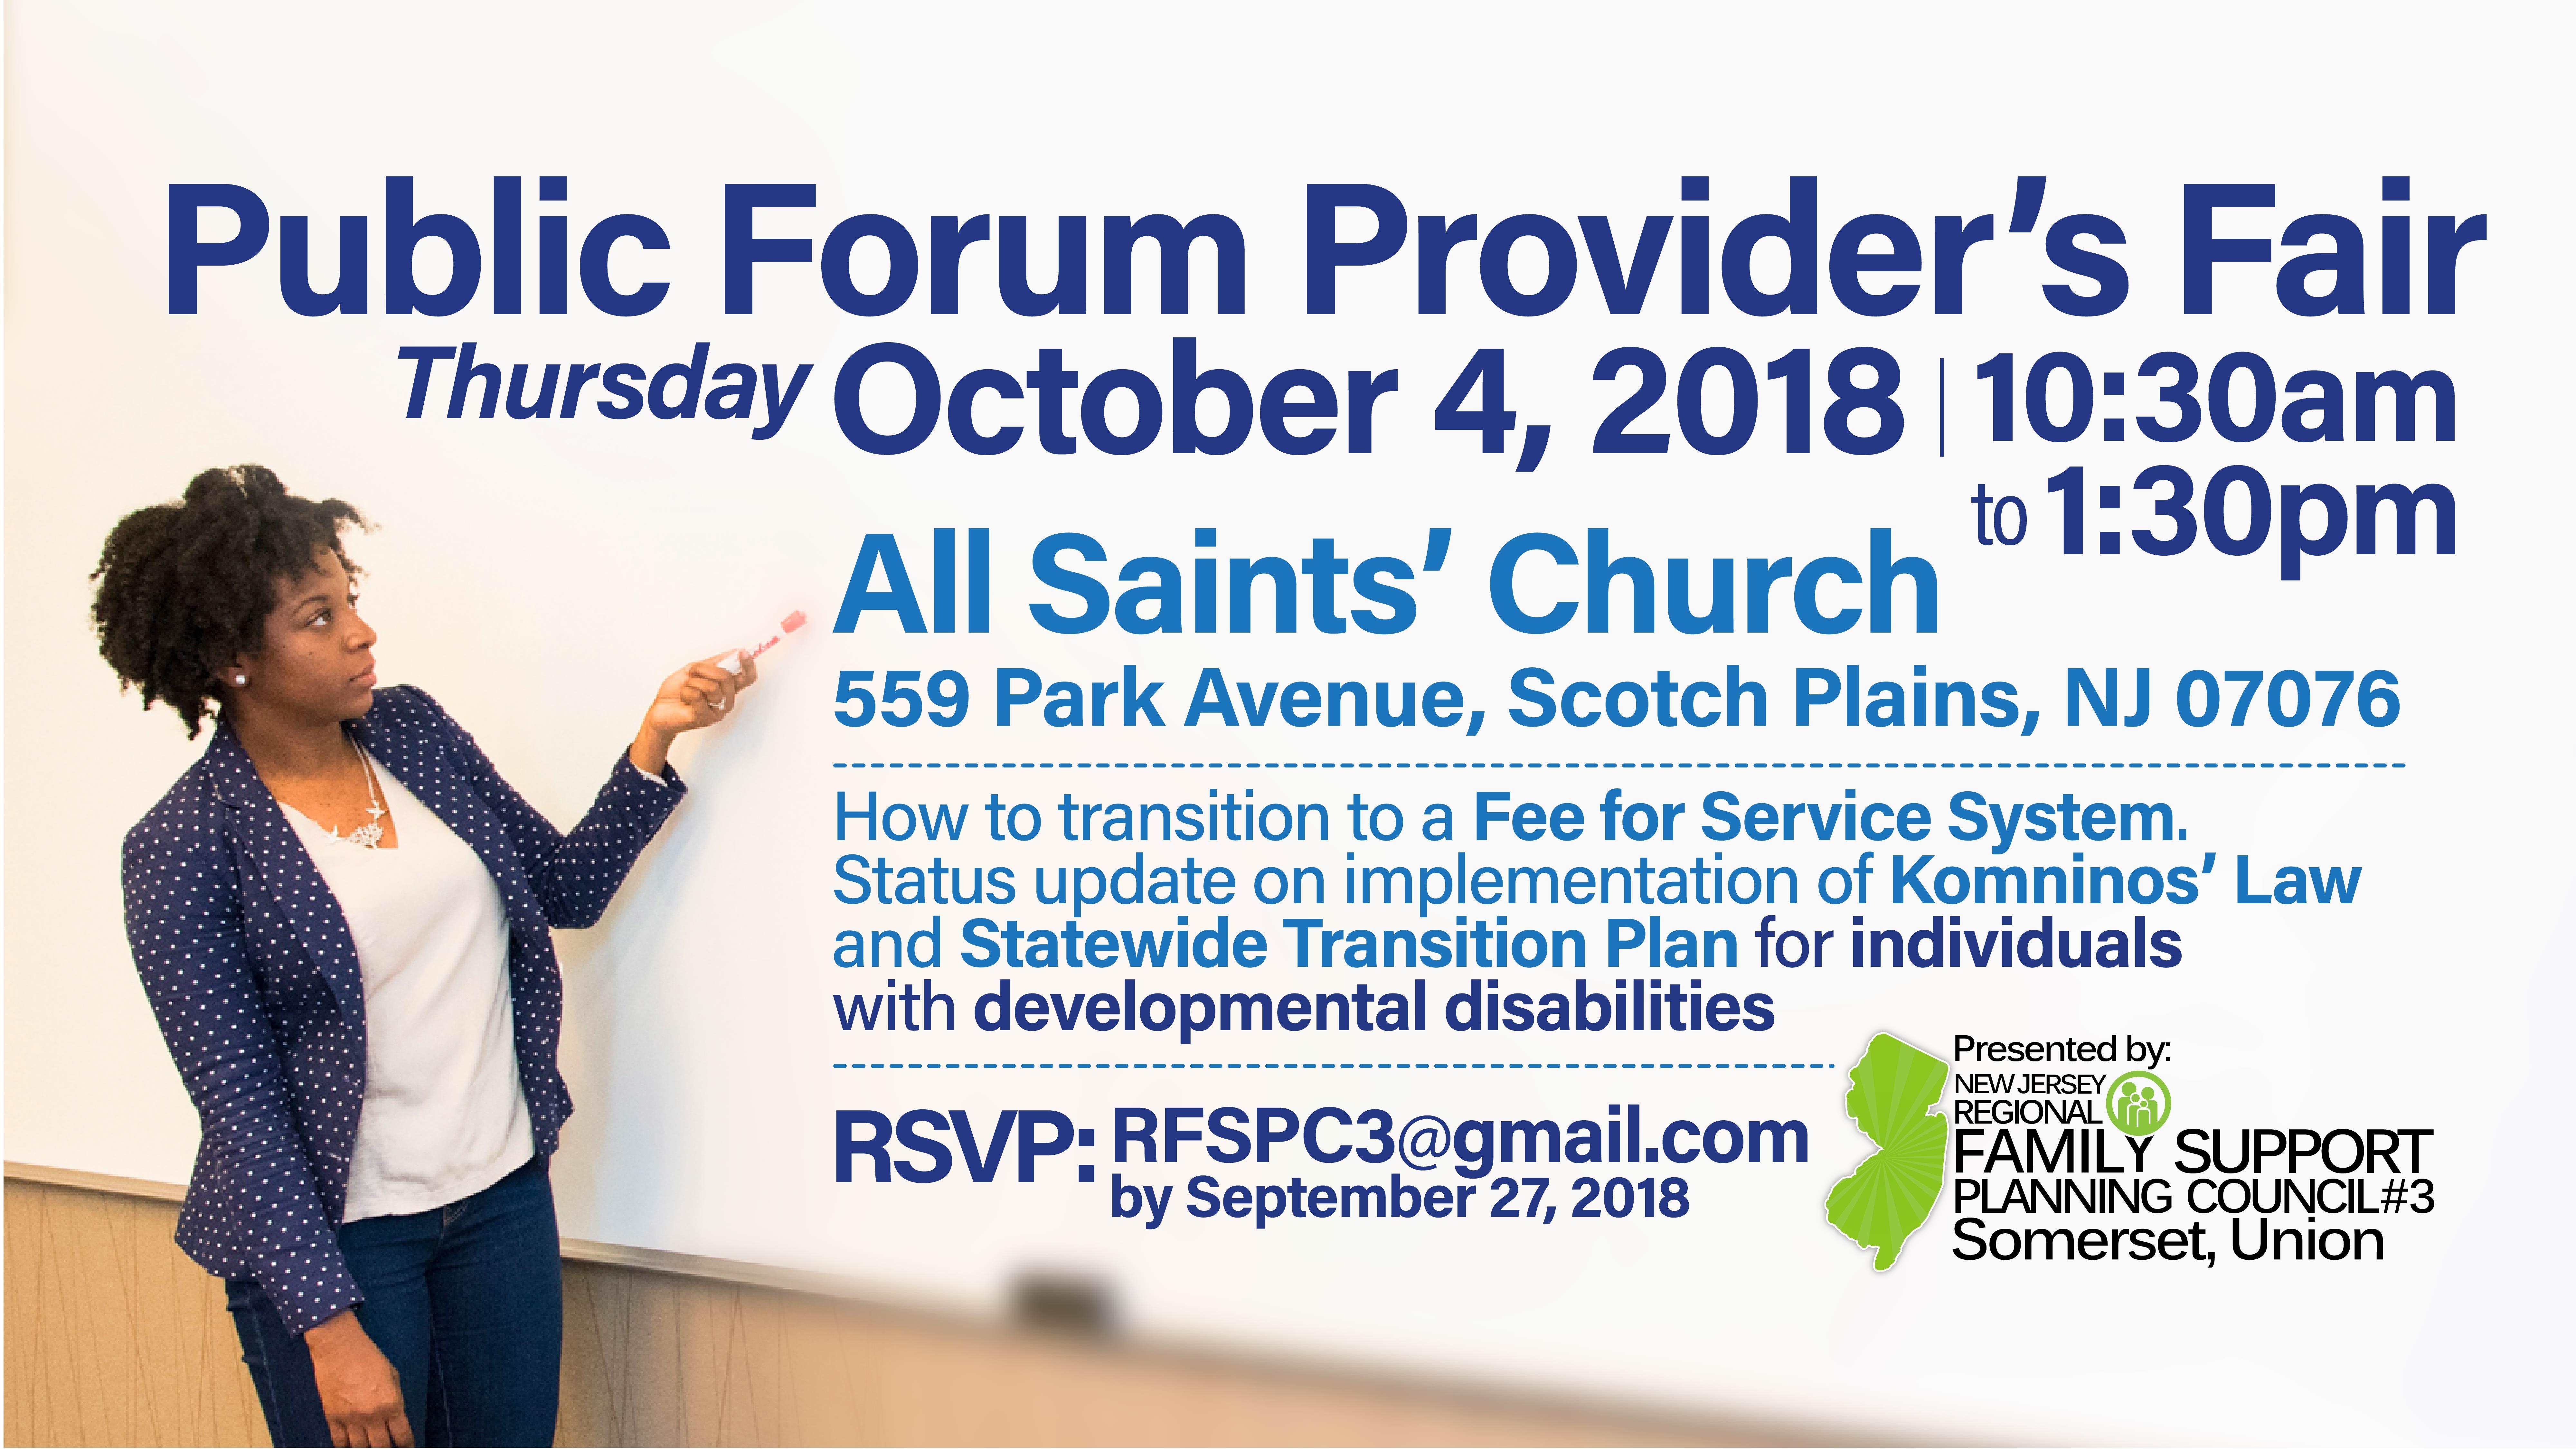 RFSPC3-Publicforum-ProvidersFair-Oct42018-10:30am-1:30pm